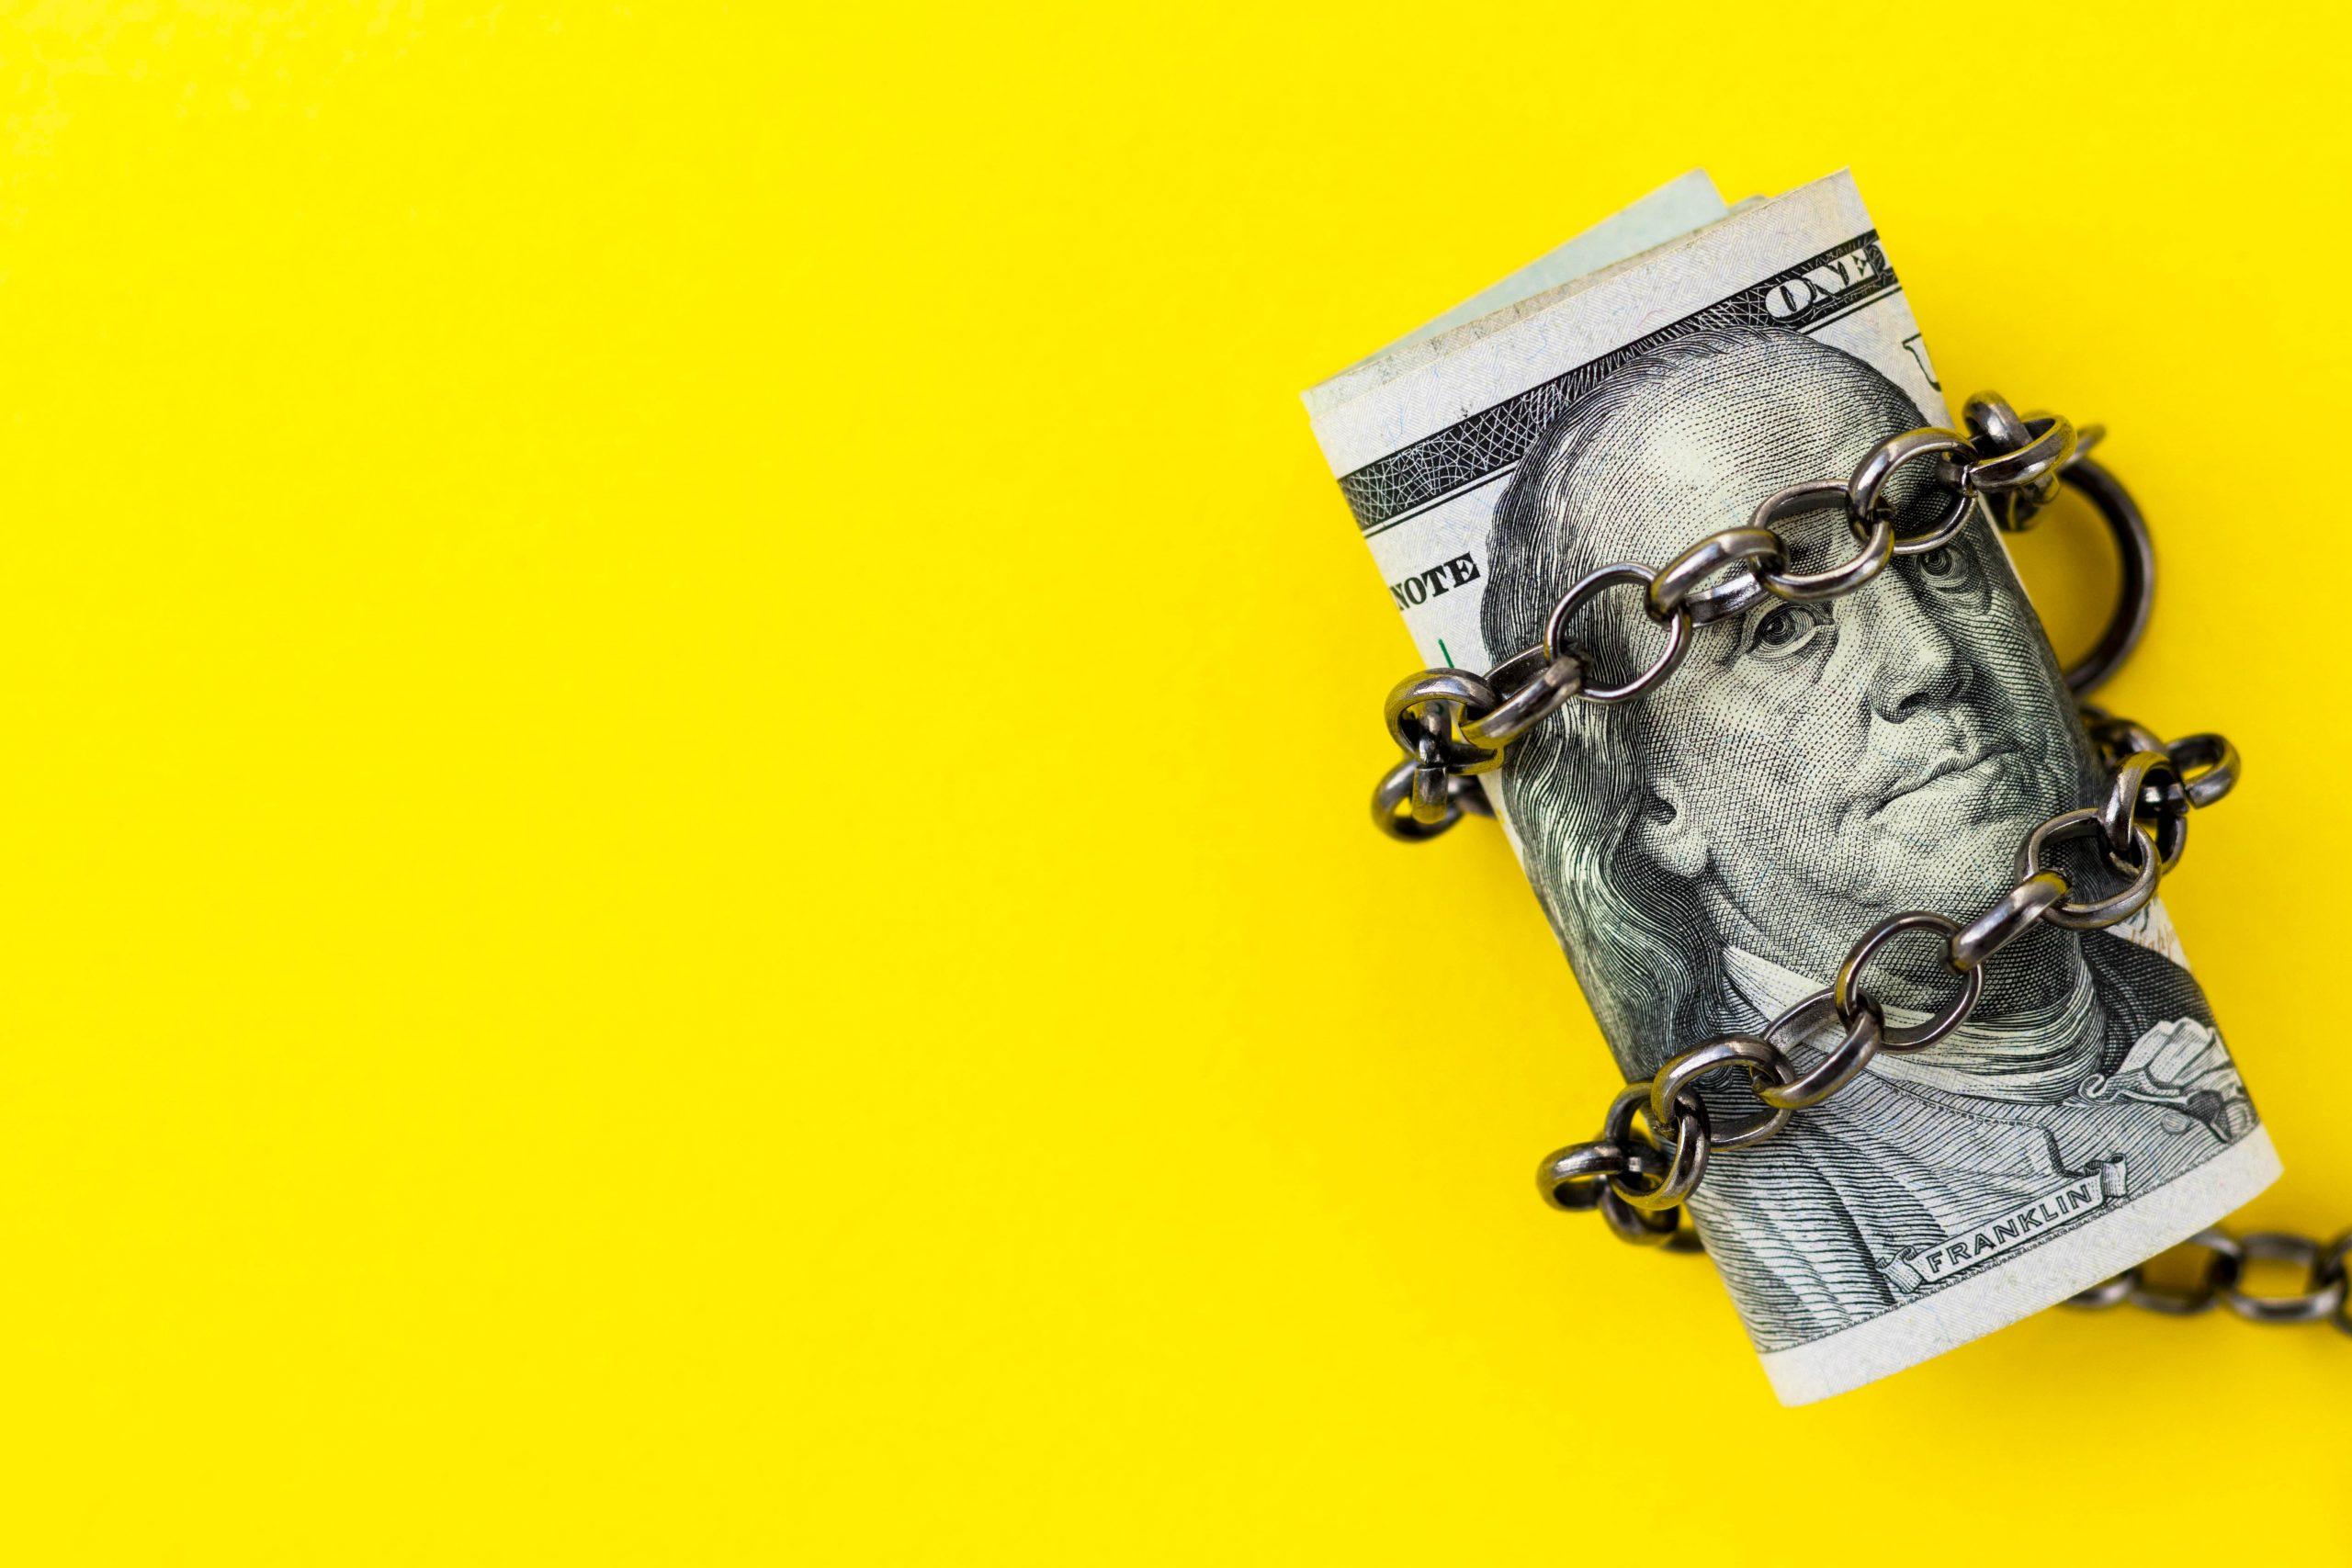 Chính sách Tài khóa là gì? Vai trò của Chính sách trong kinh tế